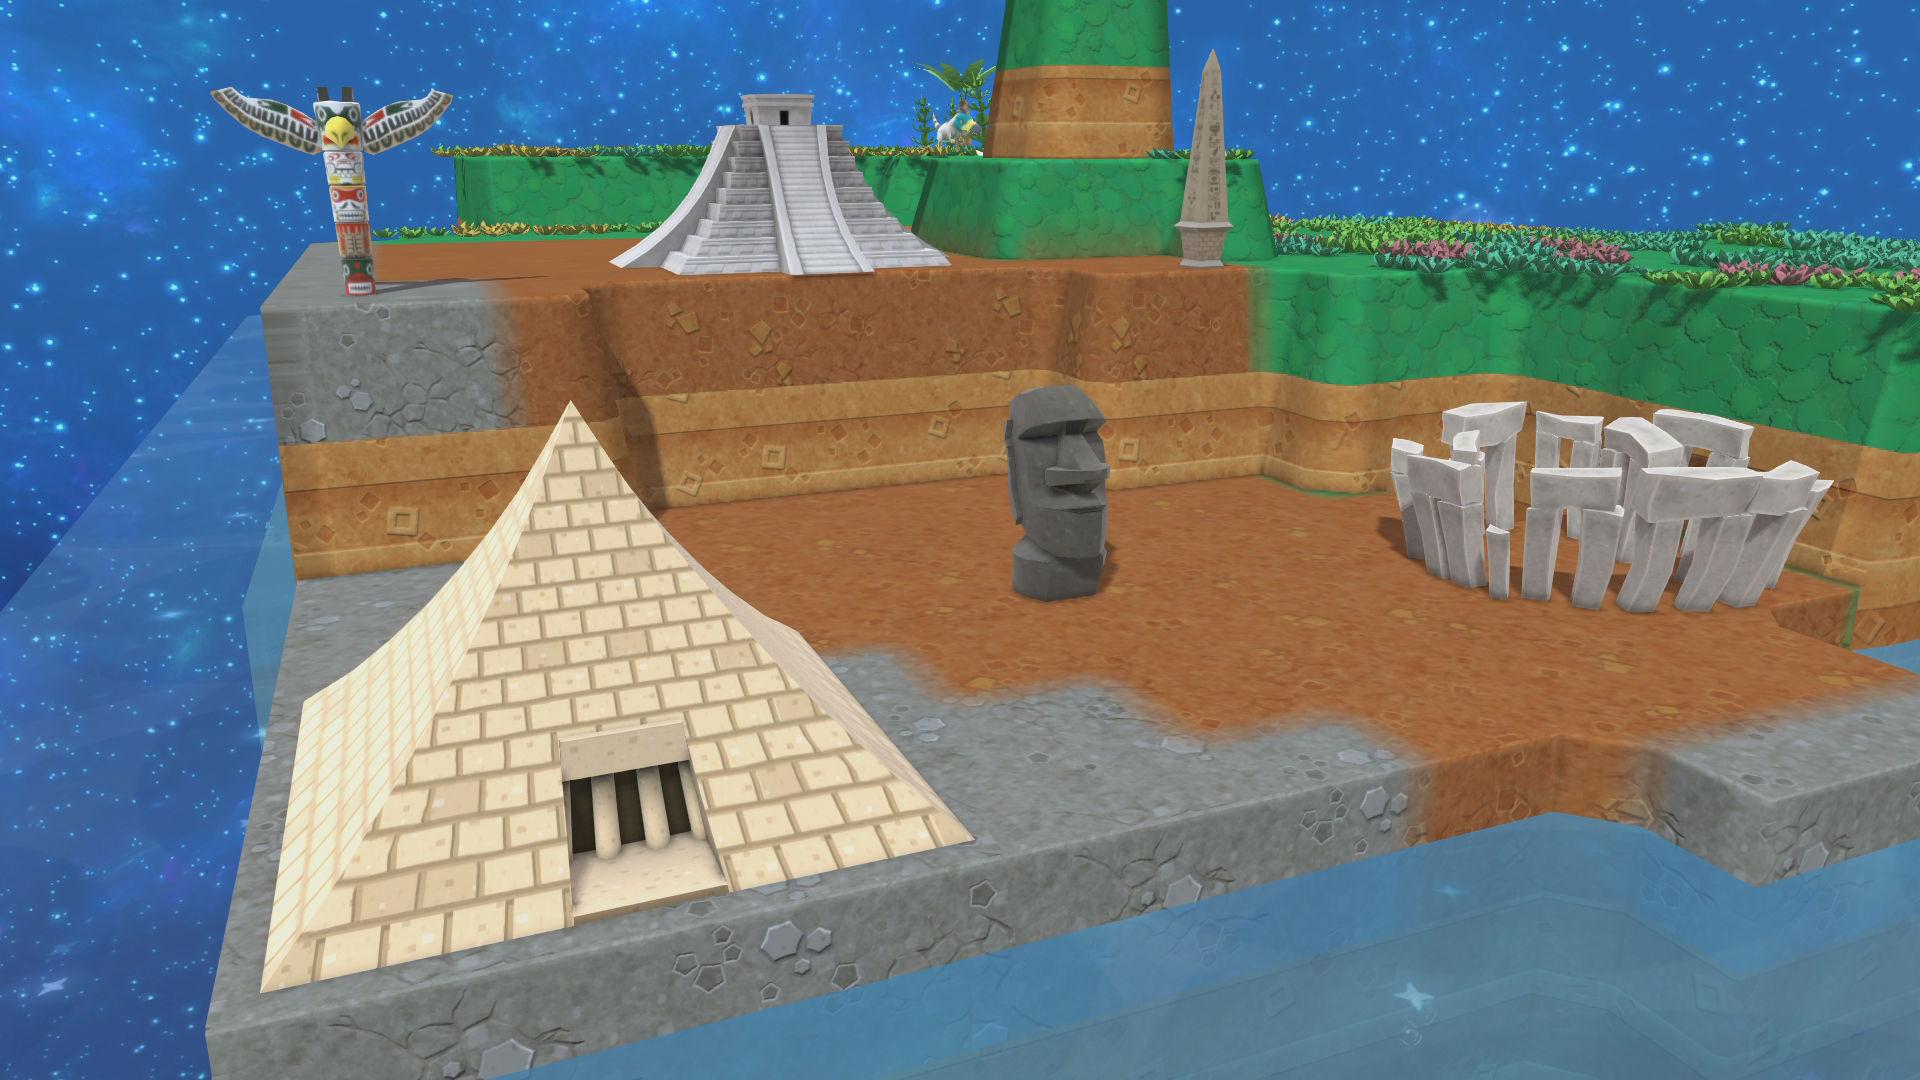 有金字塔,巨石阵,复活节岛雕像等.